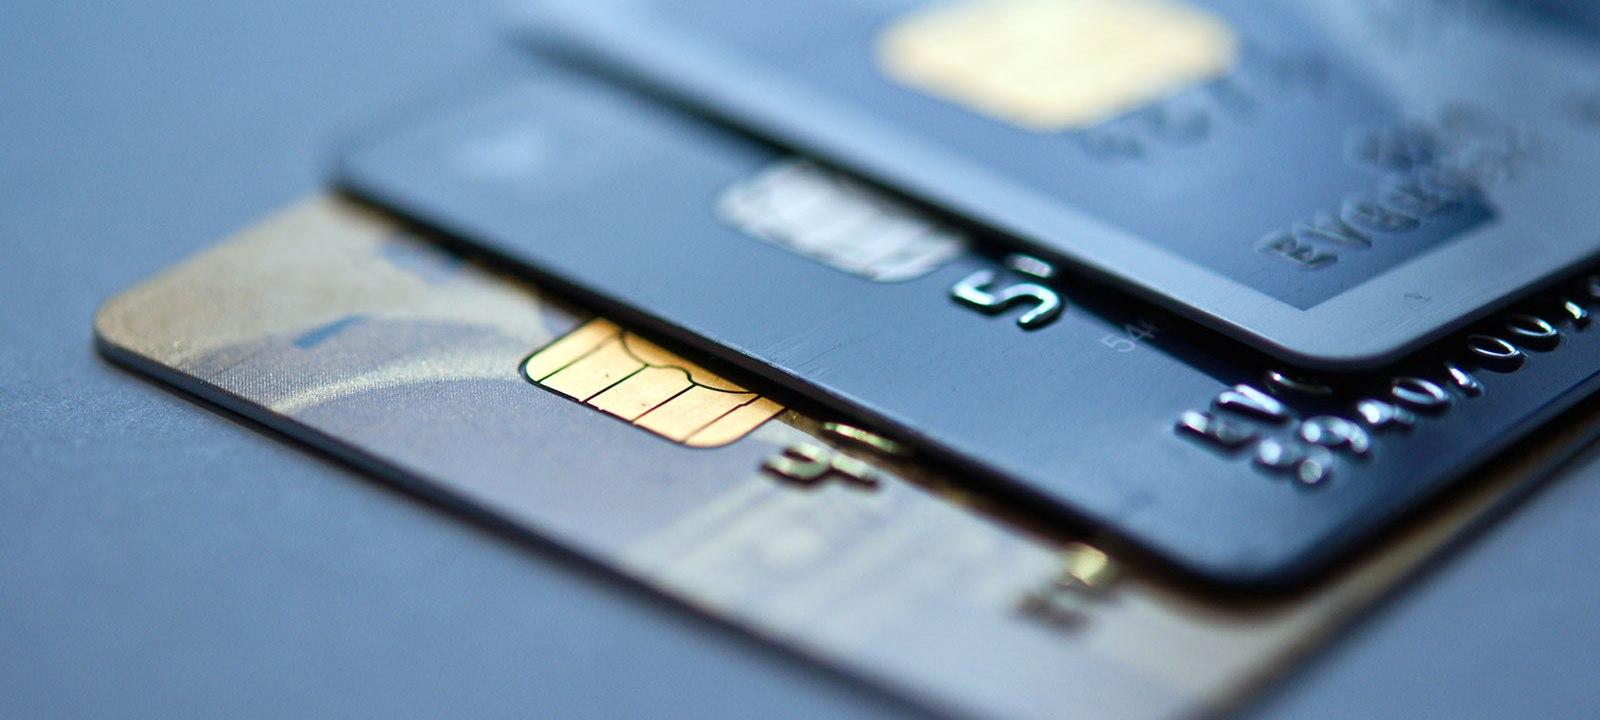 En qué consiste la normativa PCI DSS -Cómo cumplirla